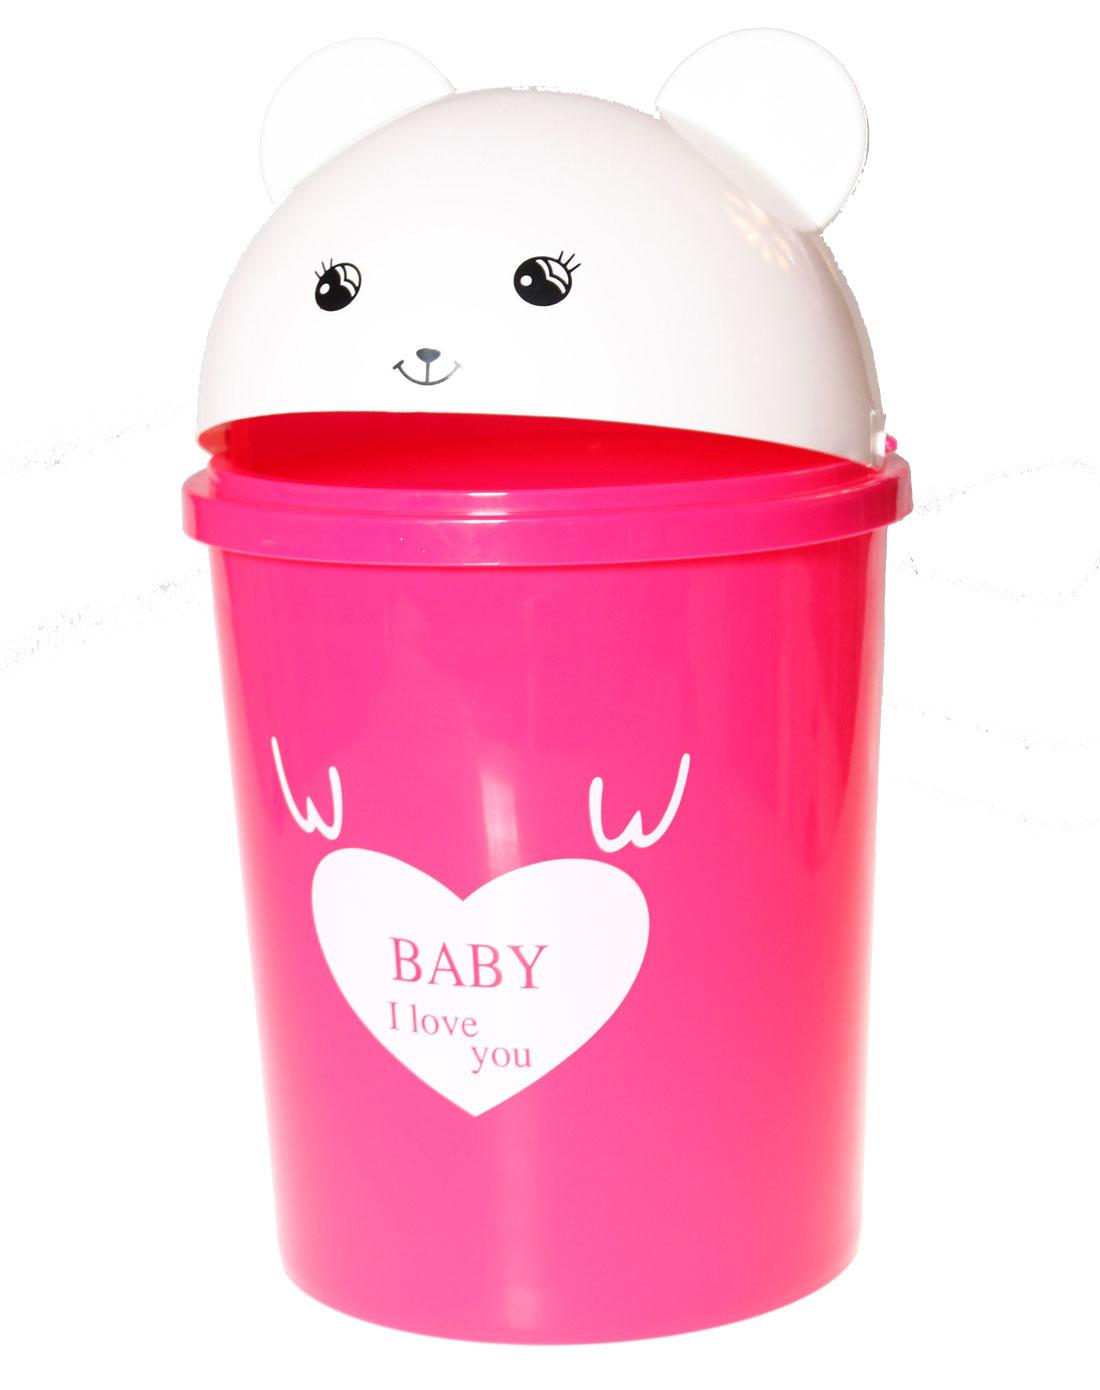 红色可爱小熊8l塑料垃圾桶